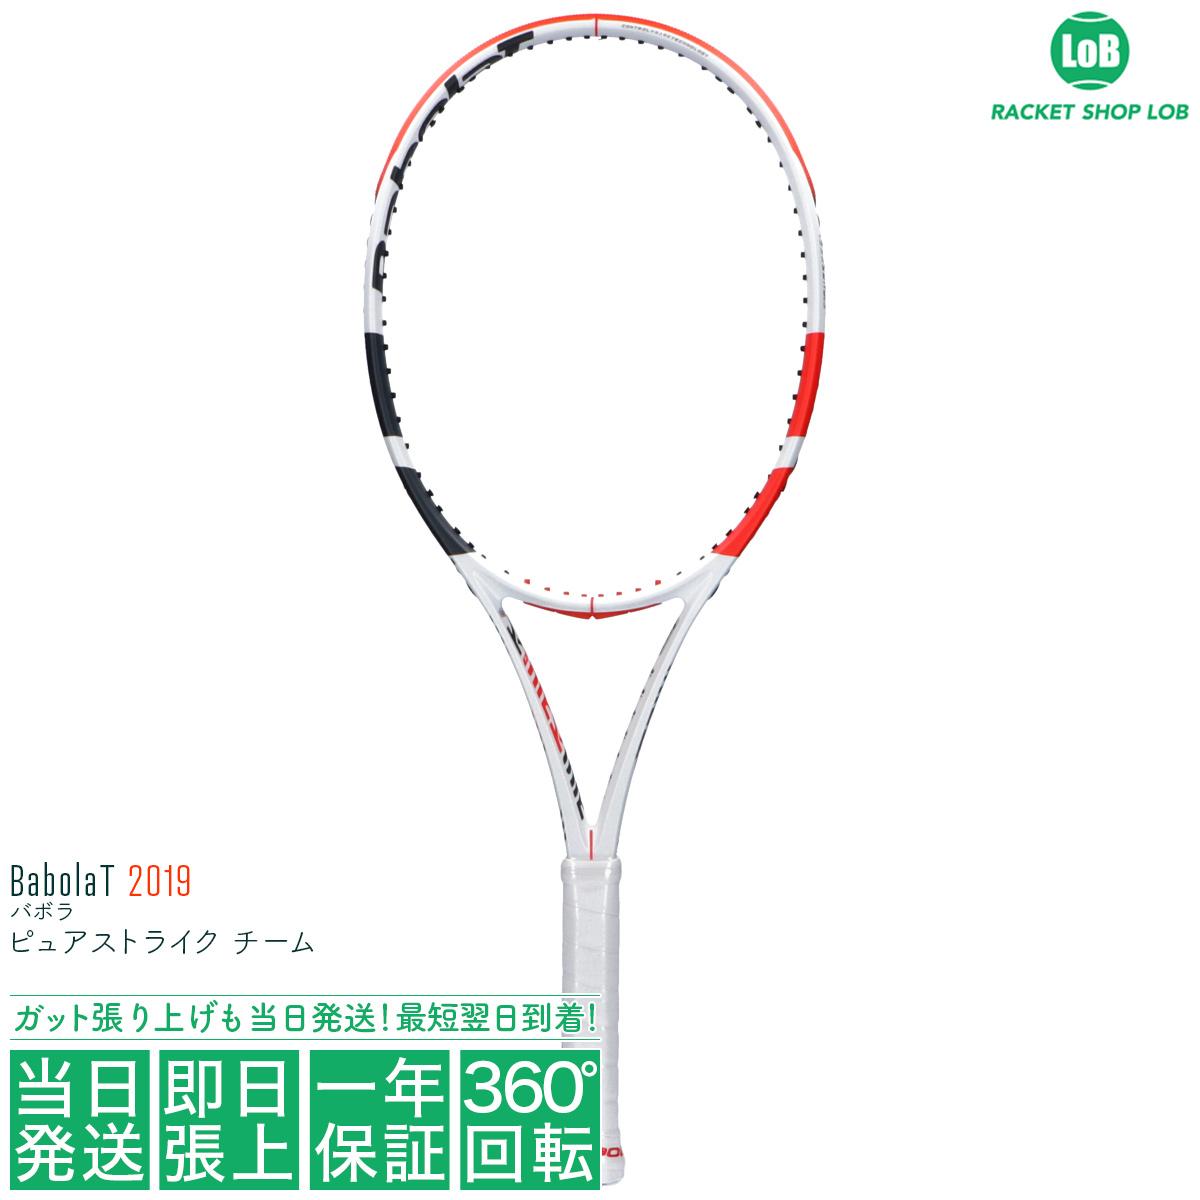 バボラ ピュアストライク チーム 2019(Babolat PURE STRIKE TEAM)285g 101402 硬式テニスラケット